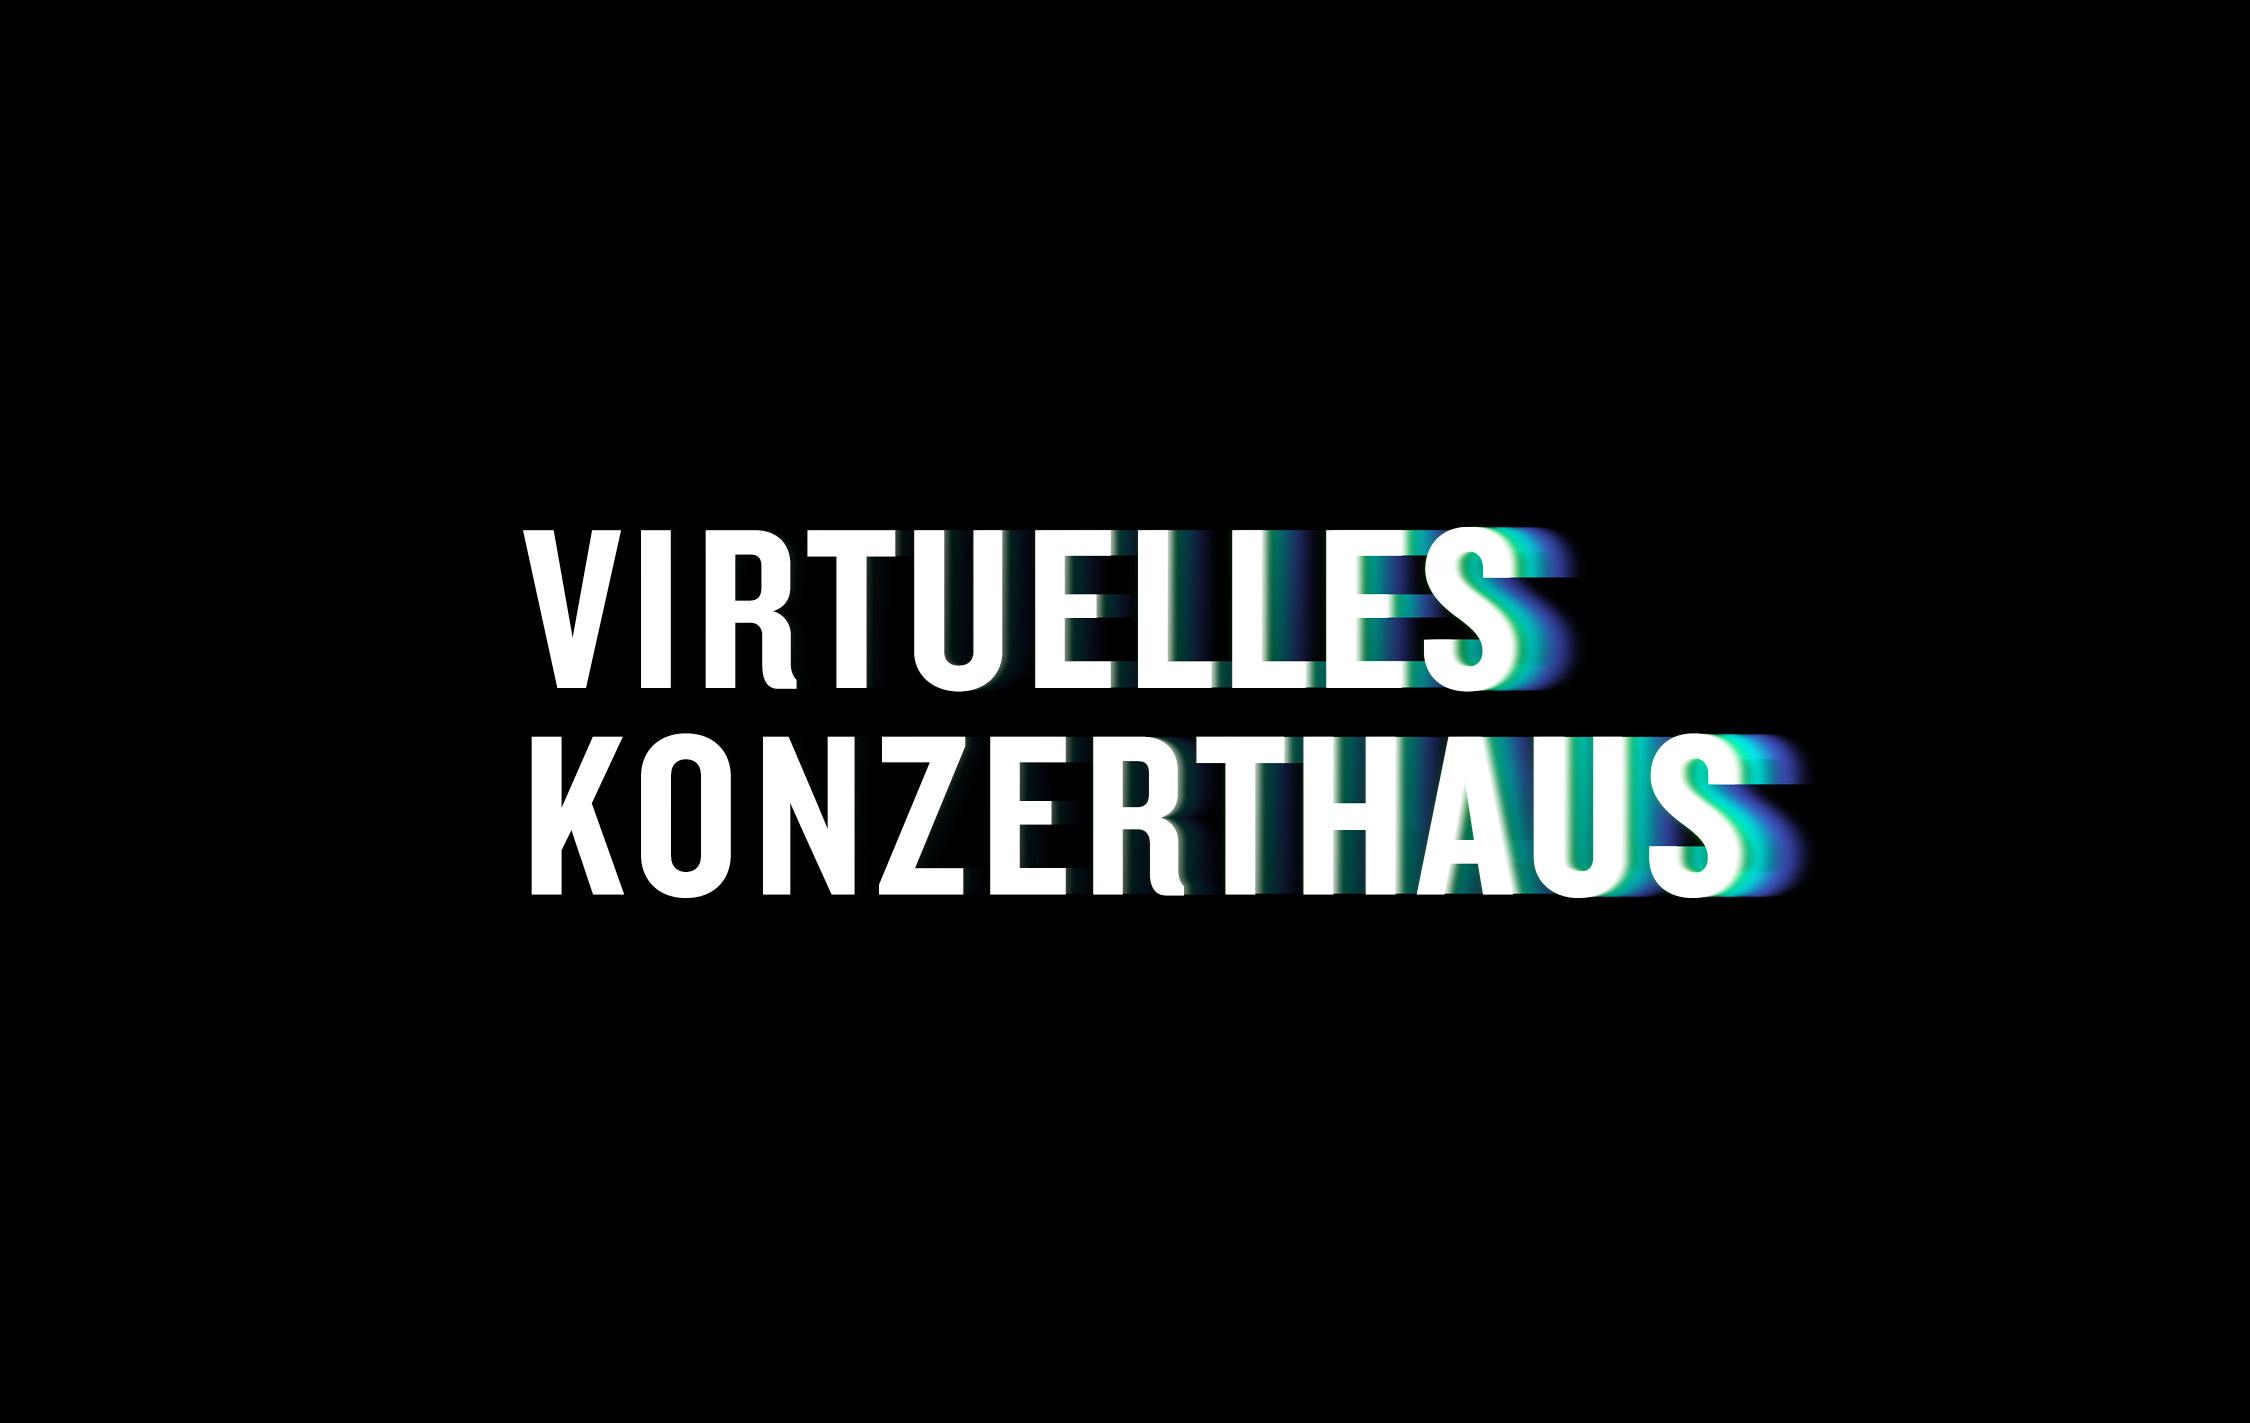 Virtuelles Konzerthaus Logo